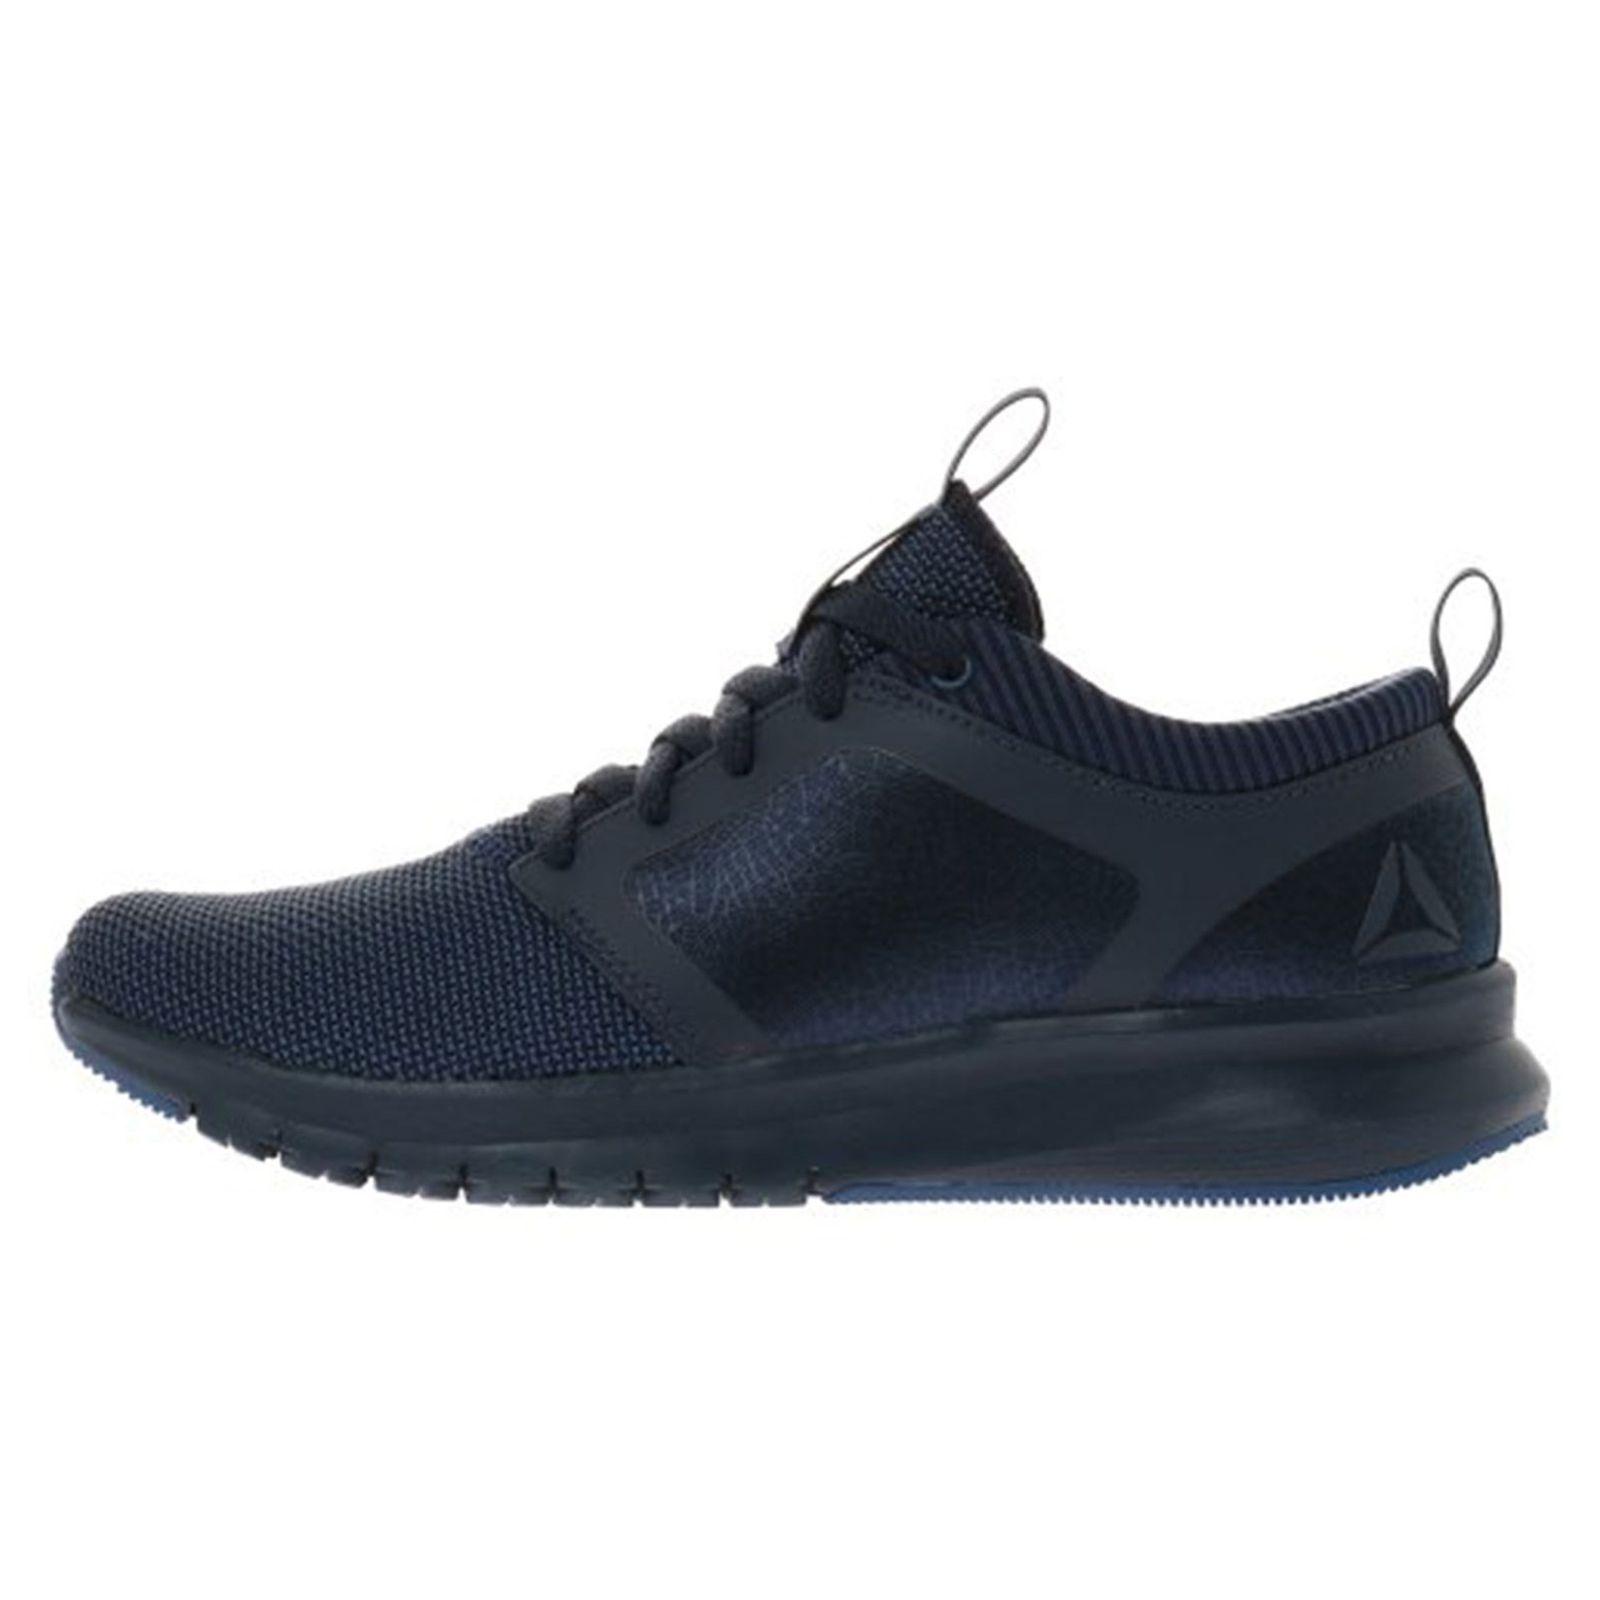 کفش دویدن بندی مردانه Athlux Shatr - ریباک - سرمه ای - 2